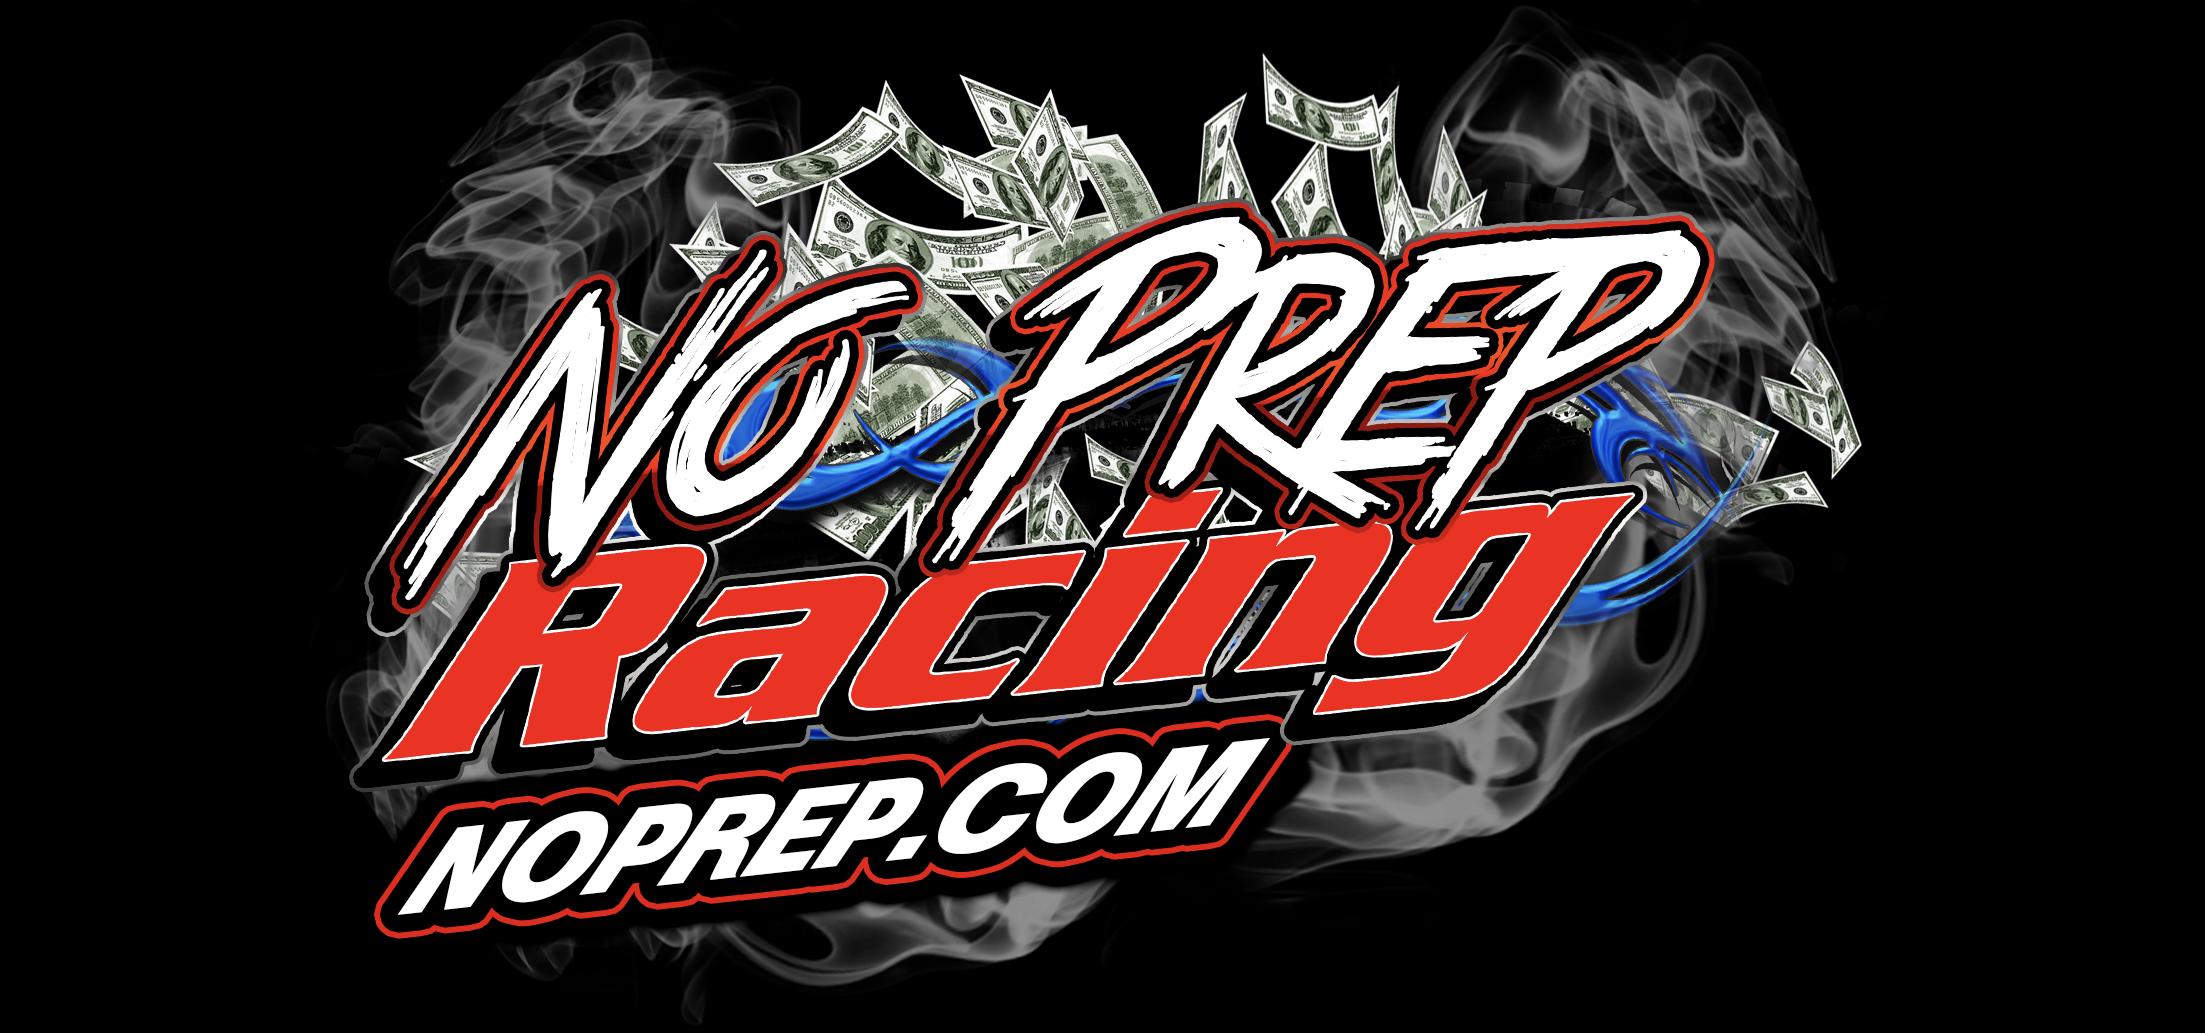 2019 No Prep Kings Rules as of 12/3/2018 - No Prep Racing NoPrep com